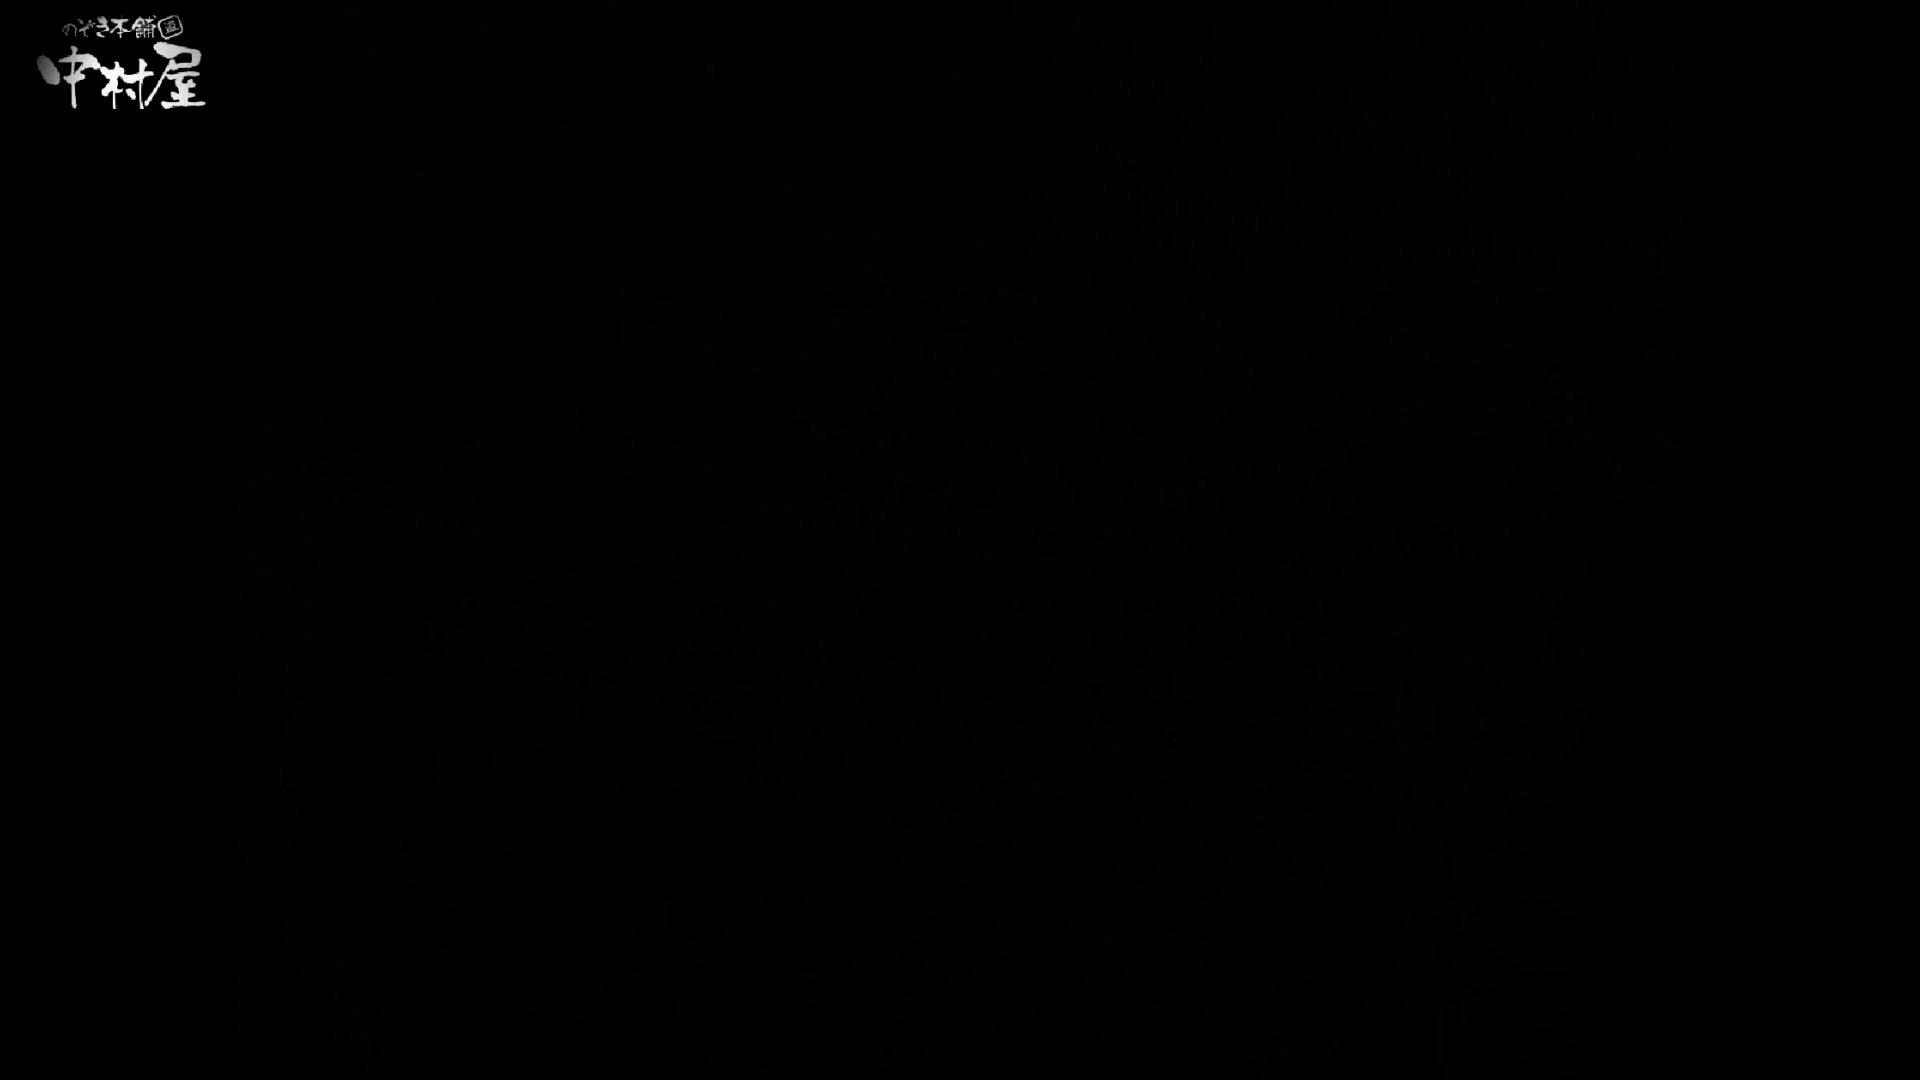 民家風呂専門盗撮師の超危険映像 vol.018 美女 ワレメ無修正動画無料 97連発 22